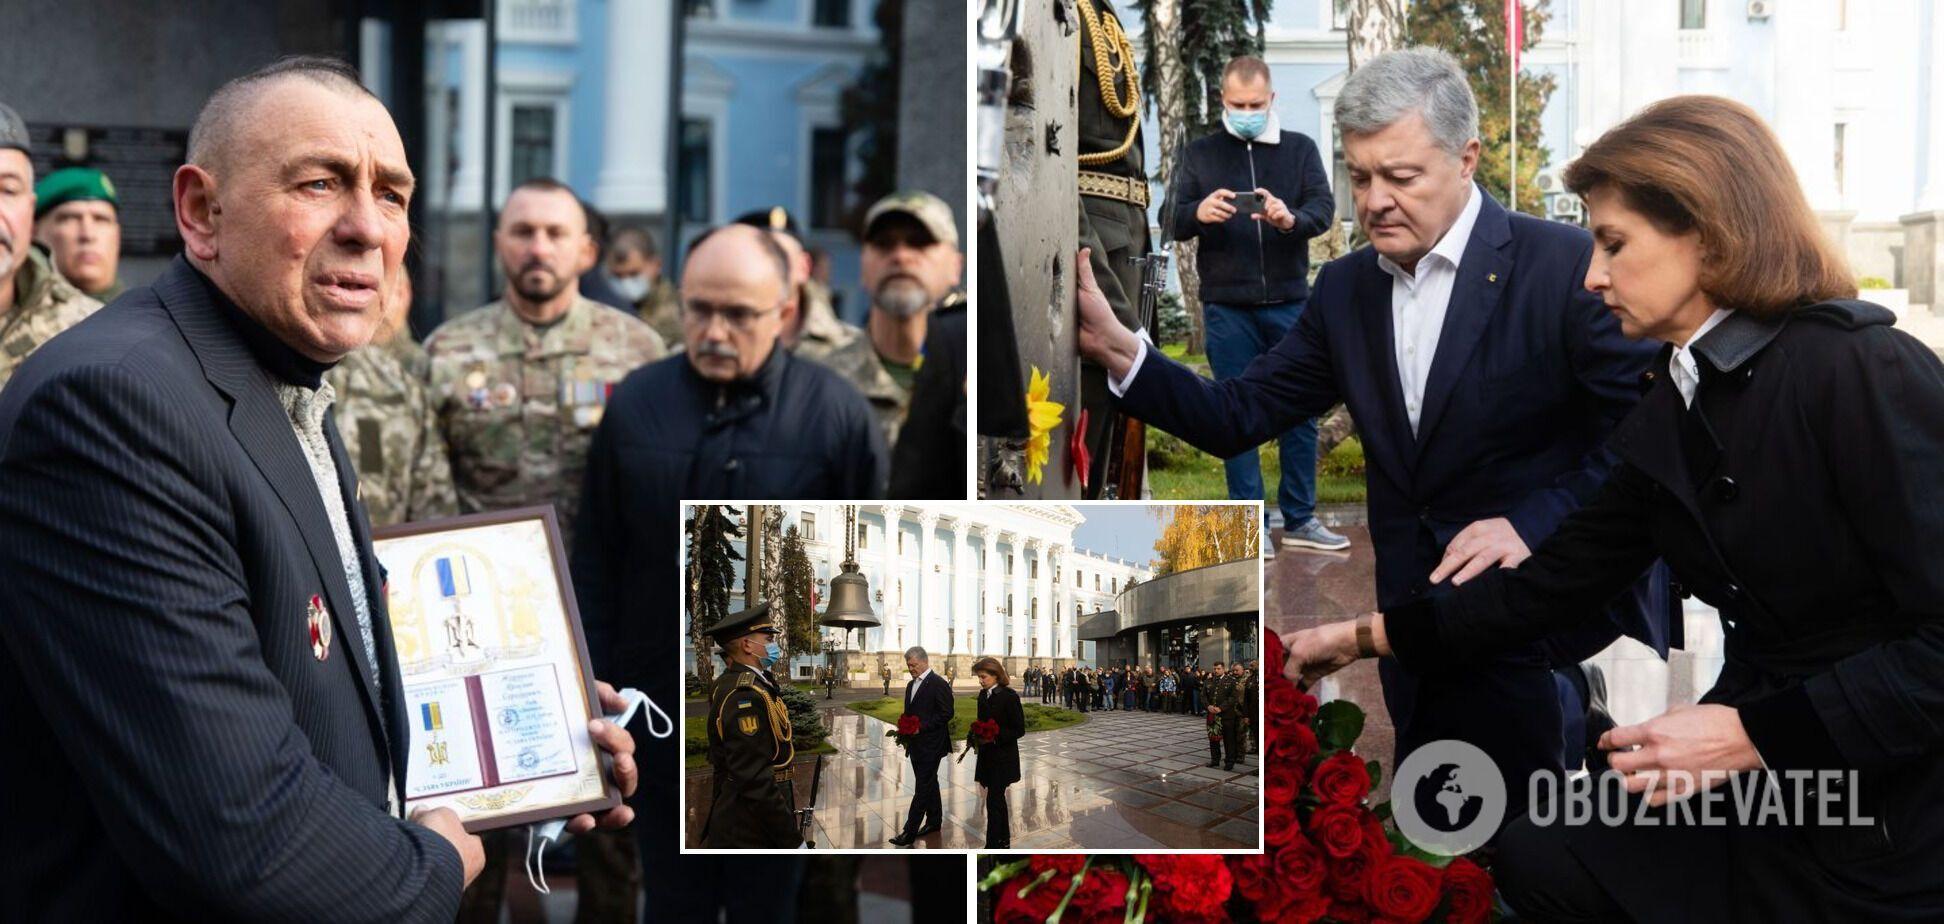 Порошенко вшанував пам'ять захисників, які загинули в боях за Україну